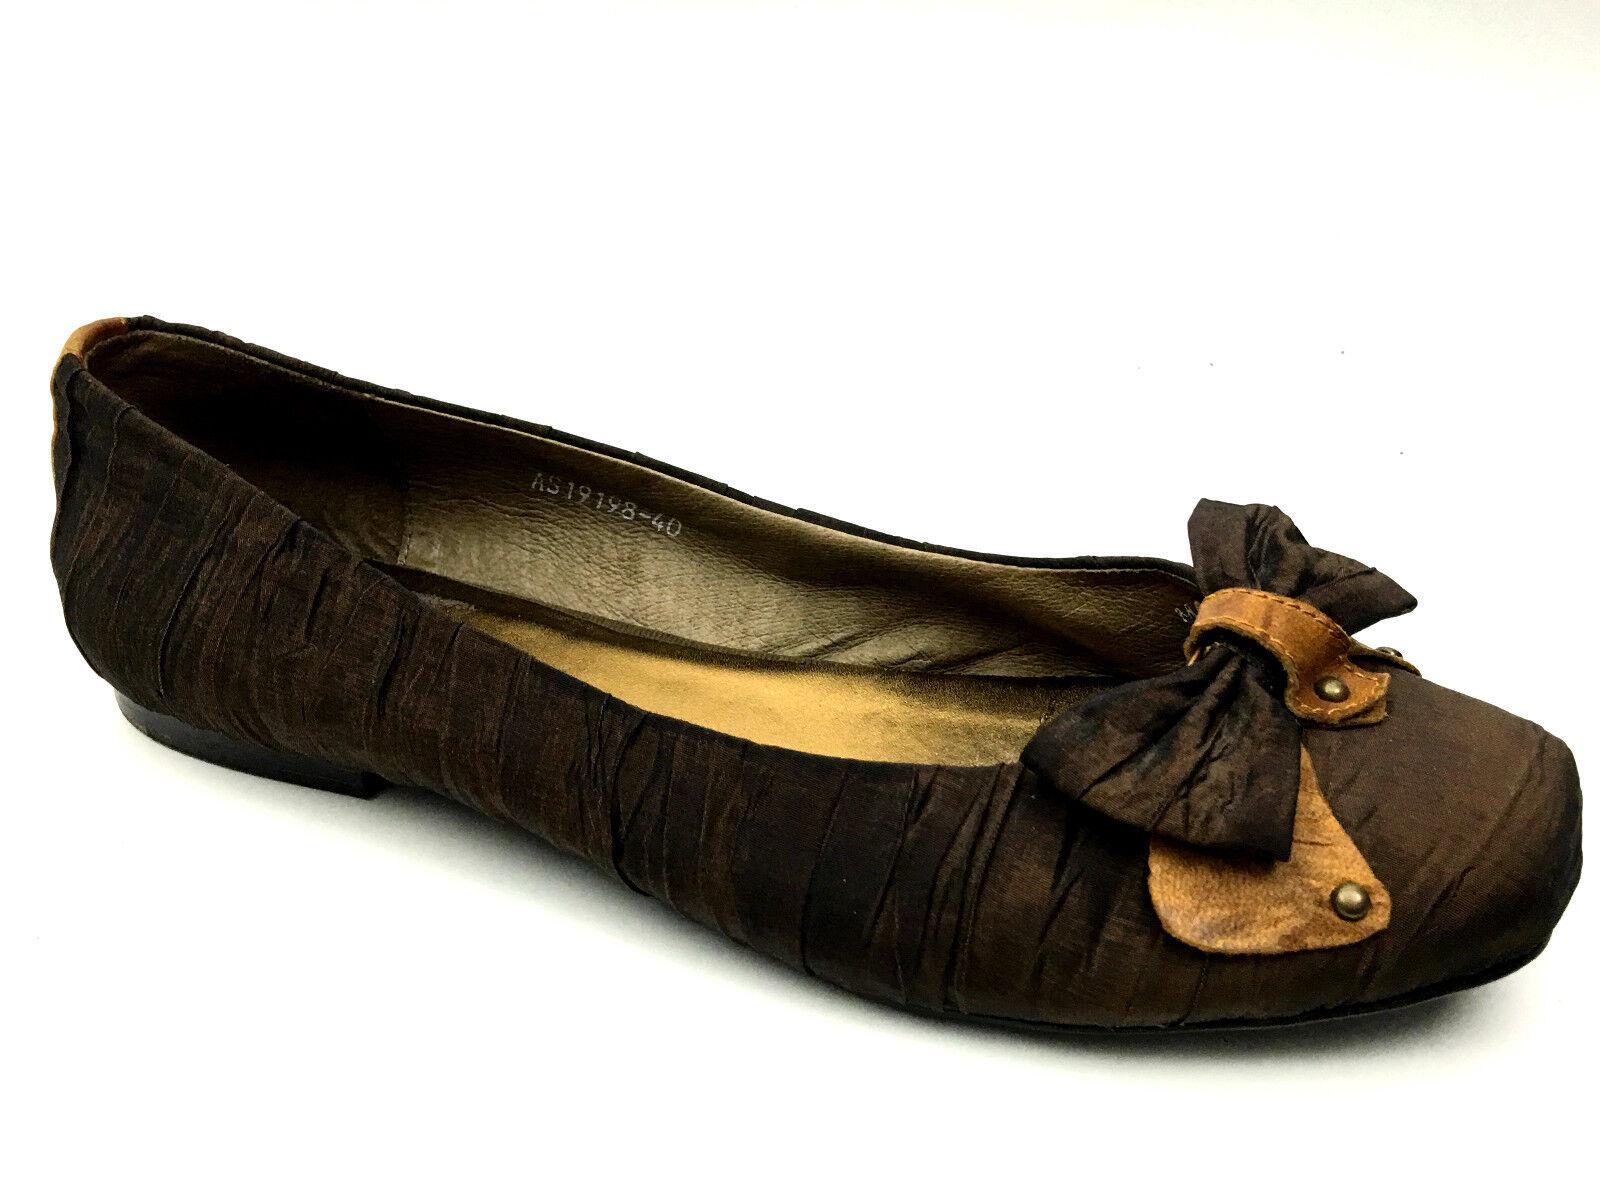 Town chaussures ballerine Flats femmes marron  EU 40 USA 8